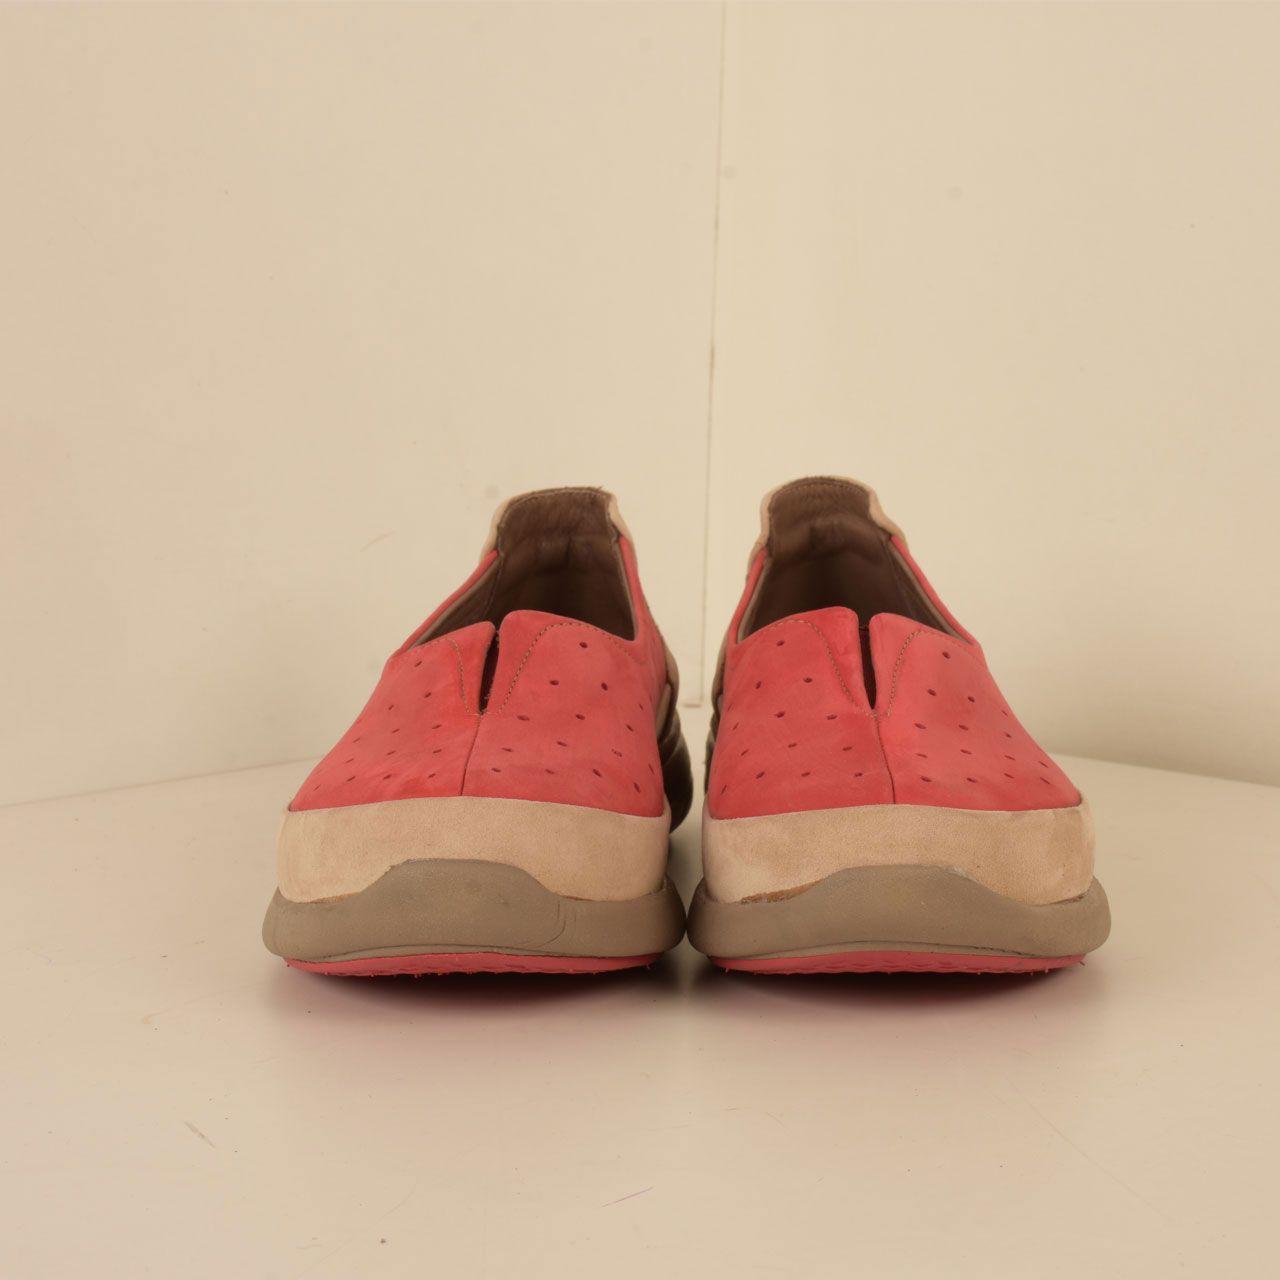 کفش روزمره زنانه پارینه چرم مدل SHOW4-2 main 1 5